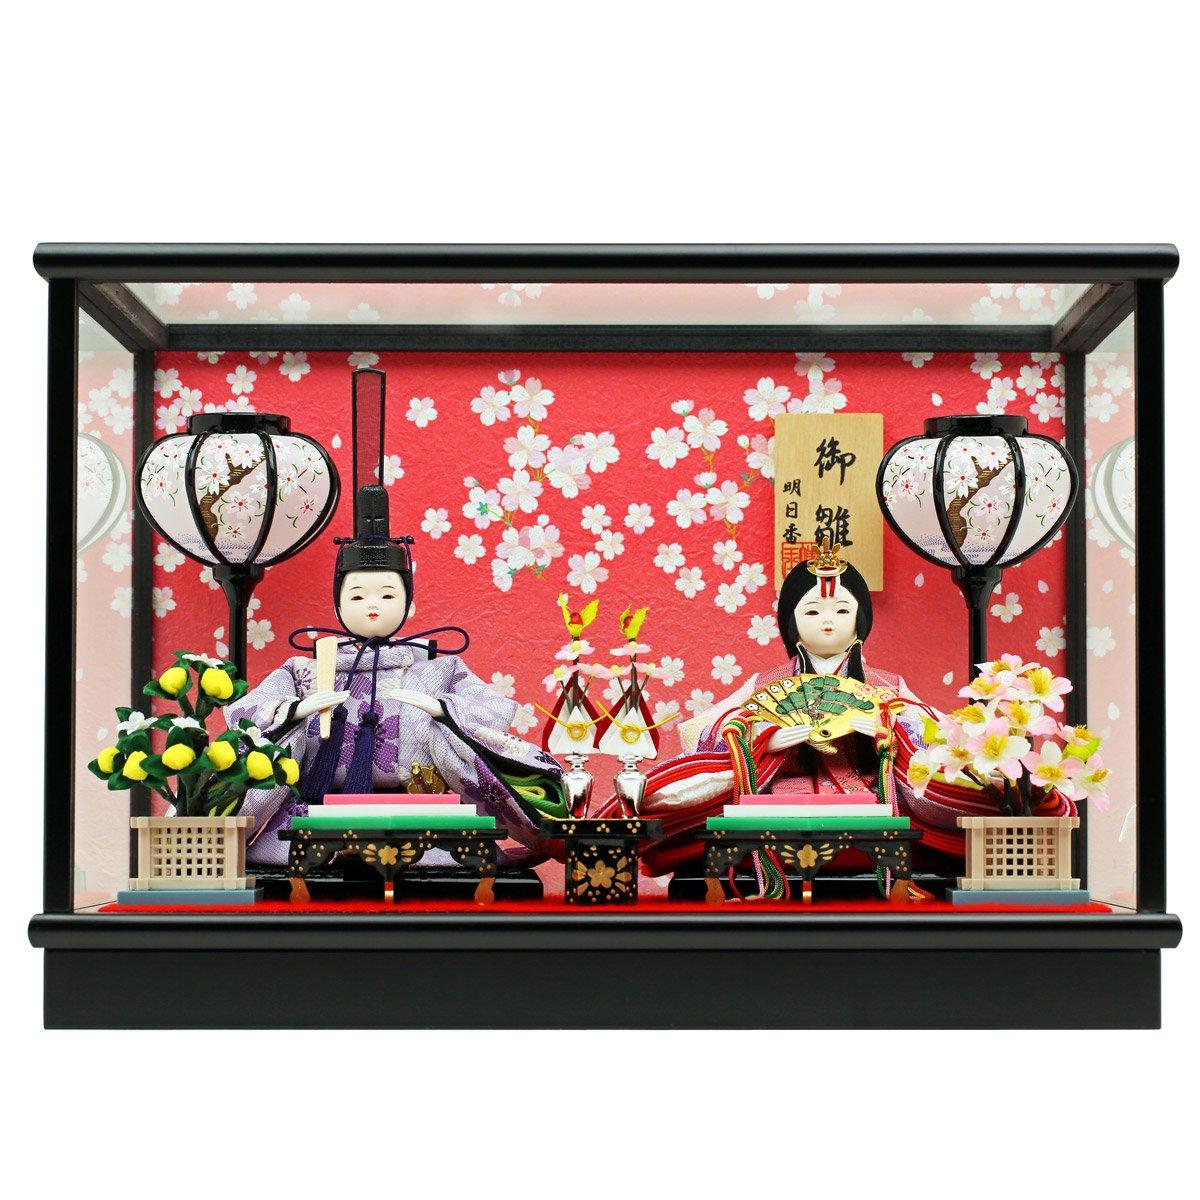 人形工房天祥 雛人形 ケース飾り 親王飾り 衣装着ひな人形 小芥子親王 二人飾り ゆめか雛   B01DDH63D4